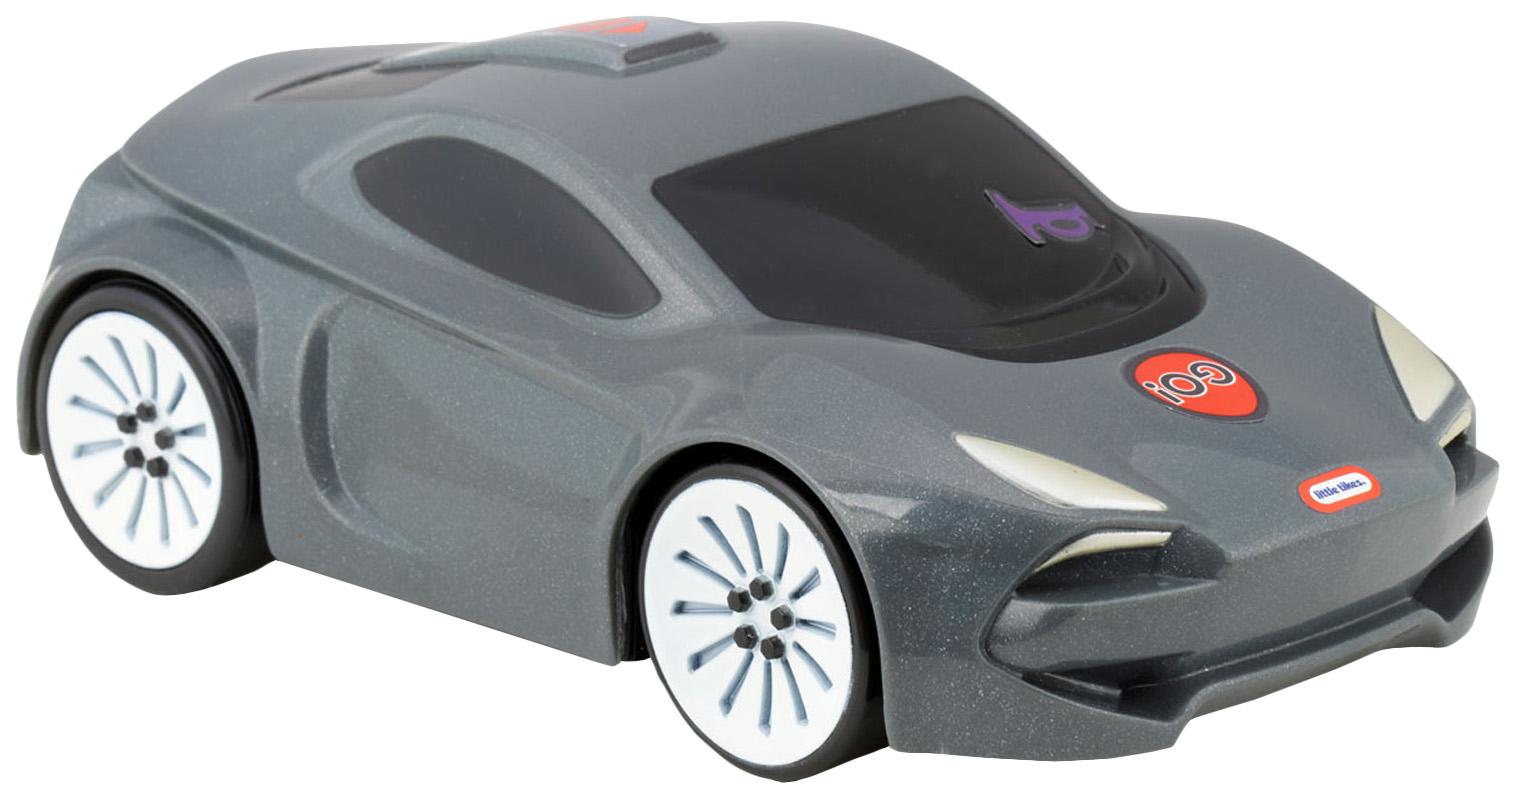 Купить Машинка пластиковая Little Tikes Touch 'N' Go Racers Sports Car 637148, Игрушечные машинки